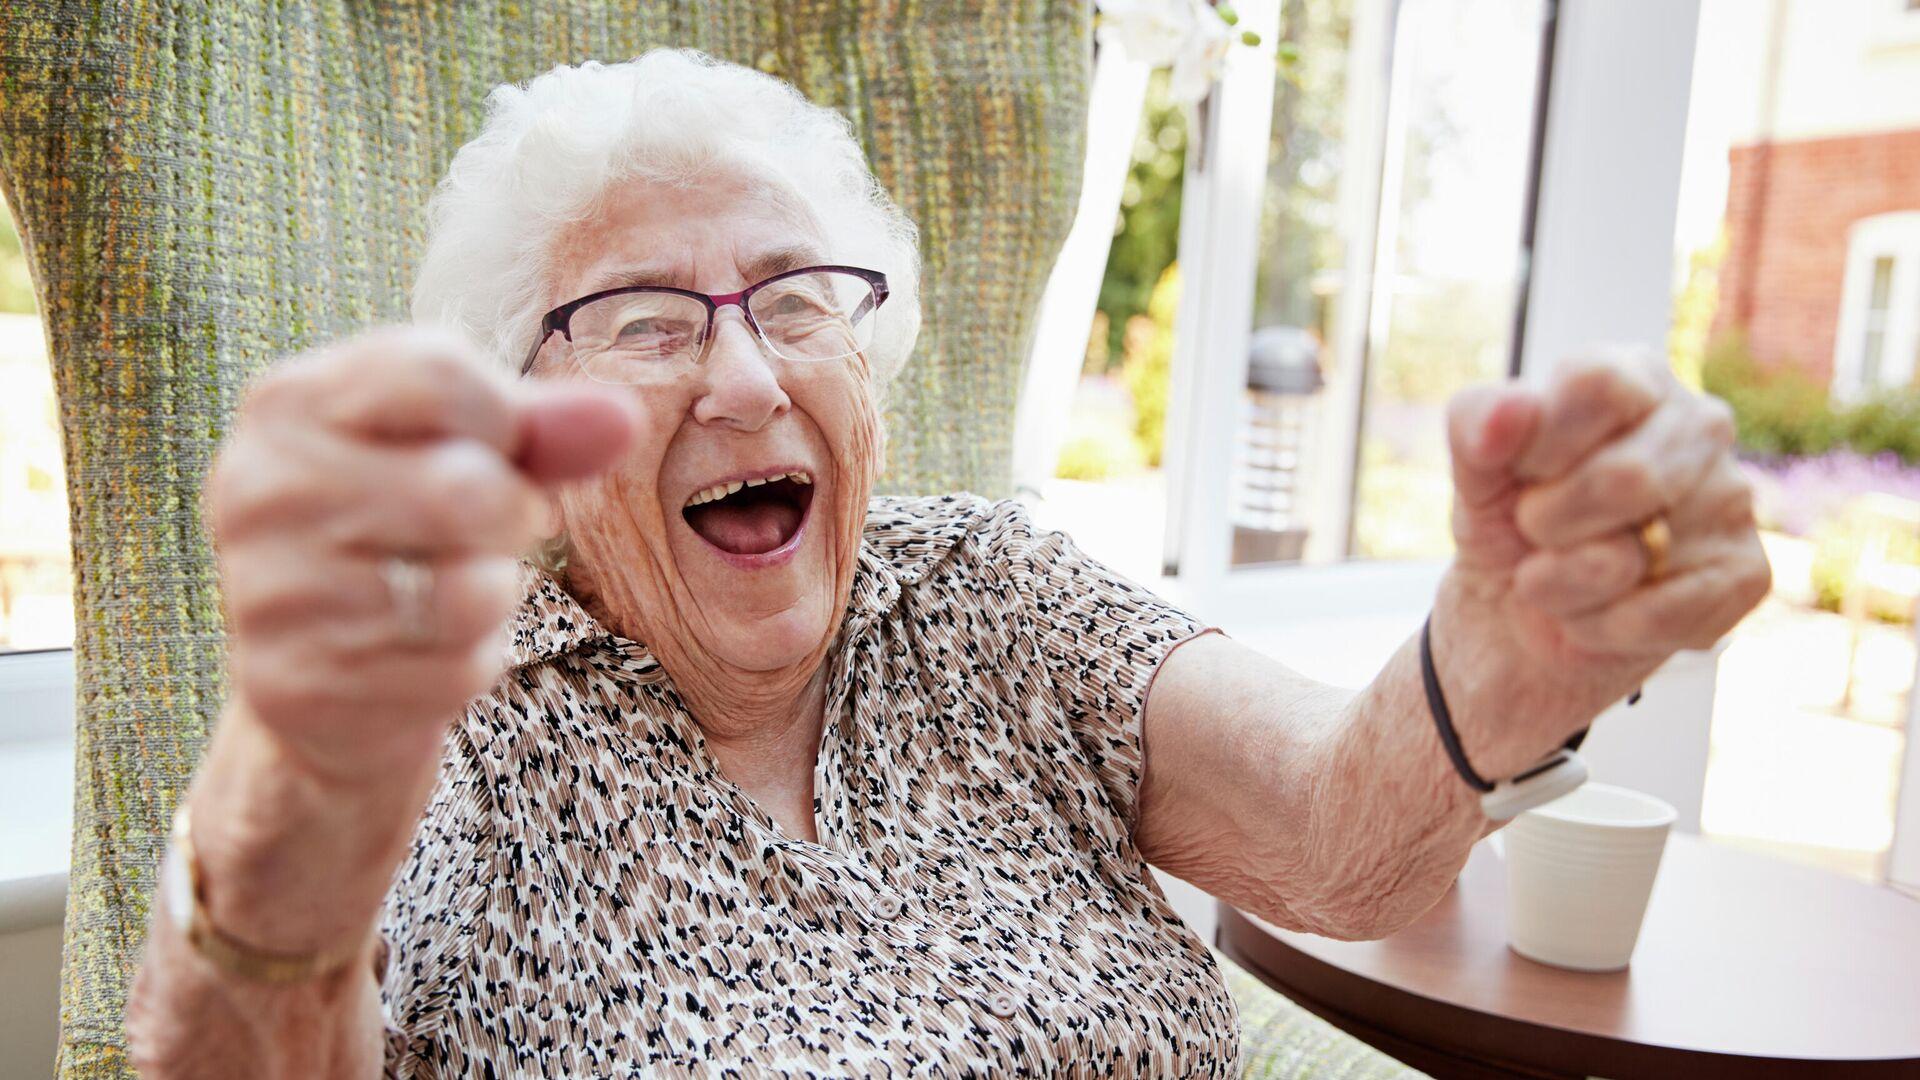 Пожилая женщина радуется  - РИА Новости, 1920, 16.09.2020